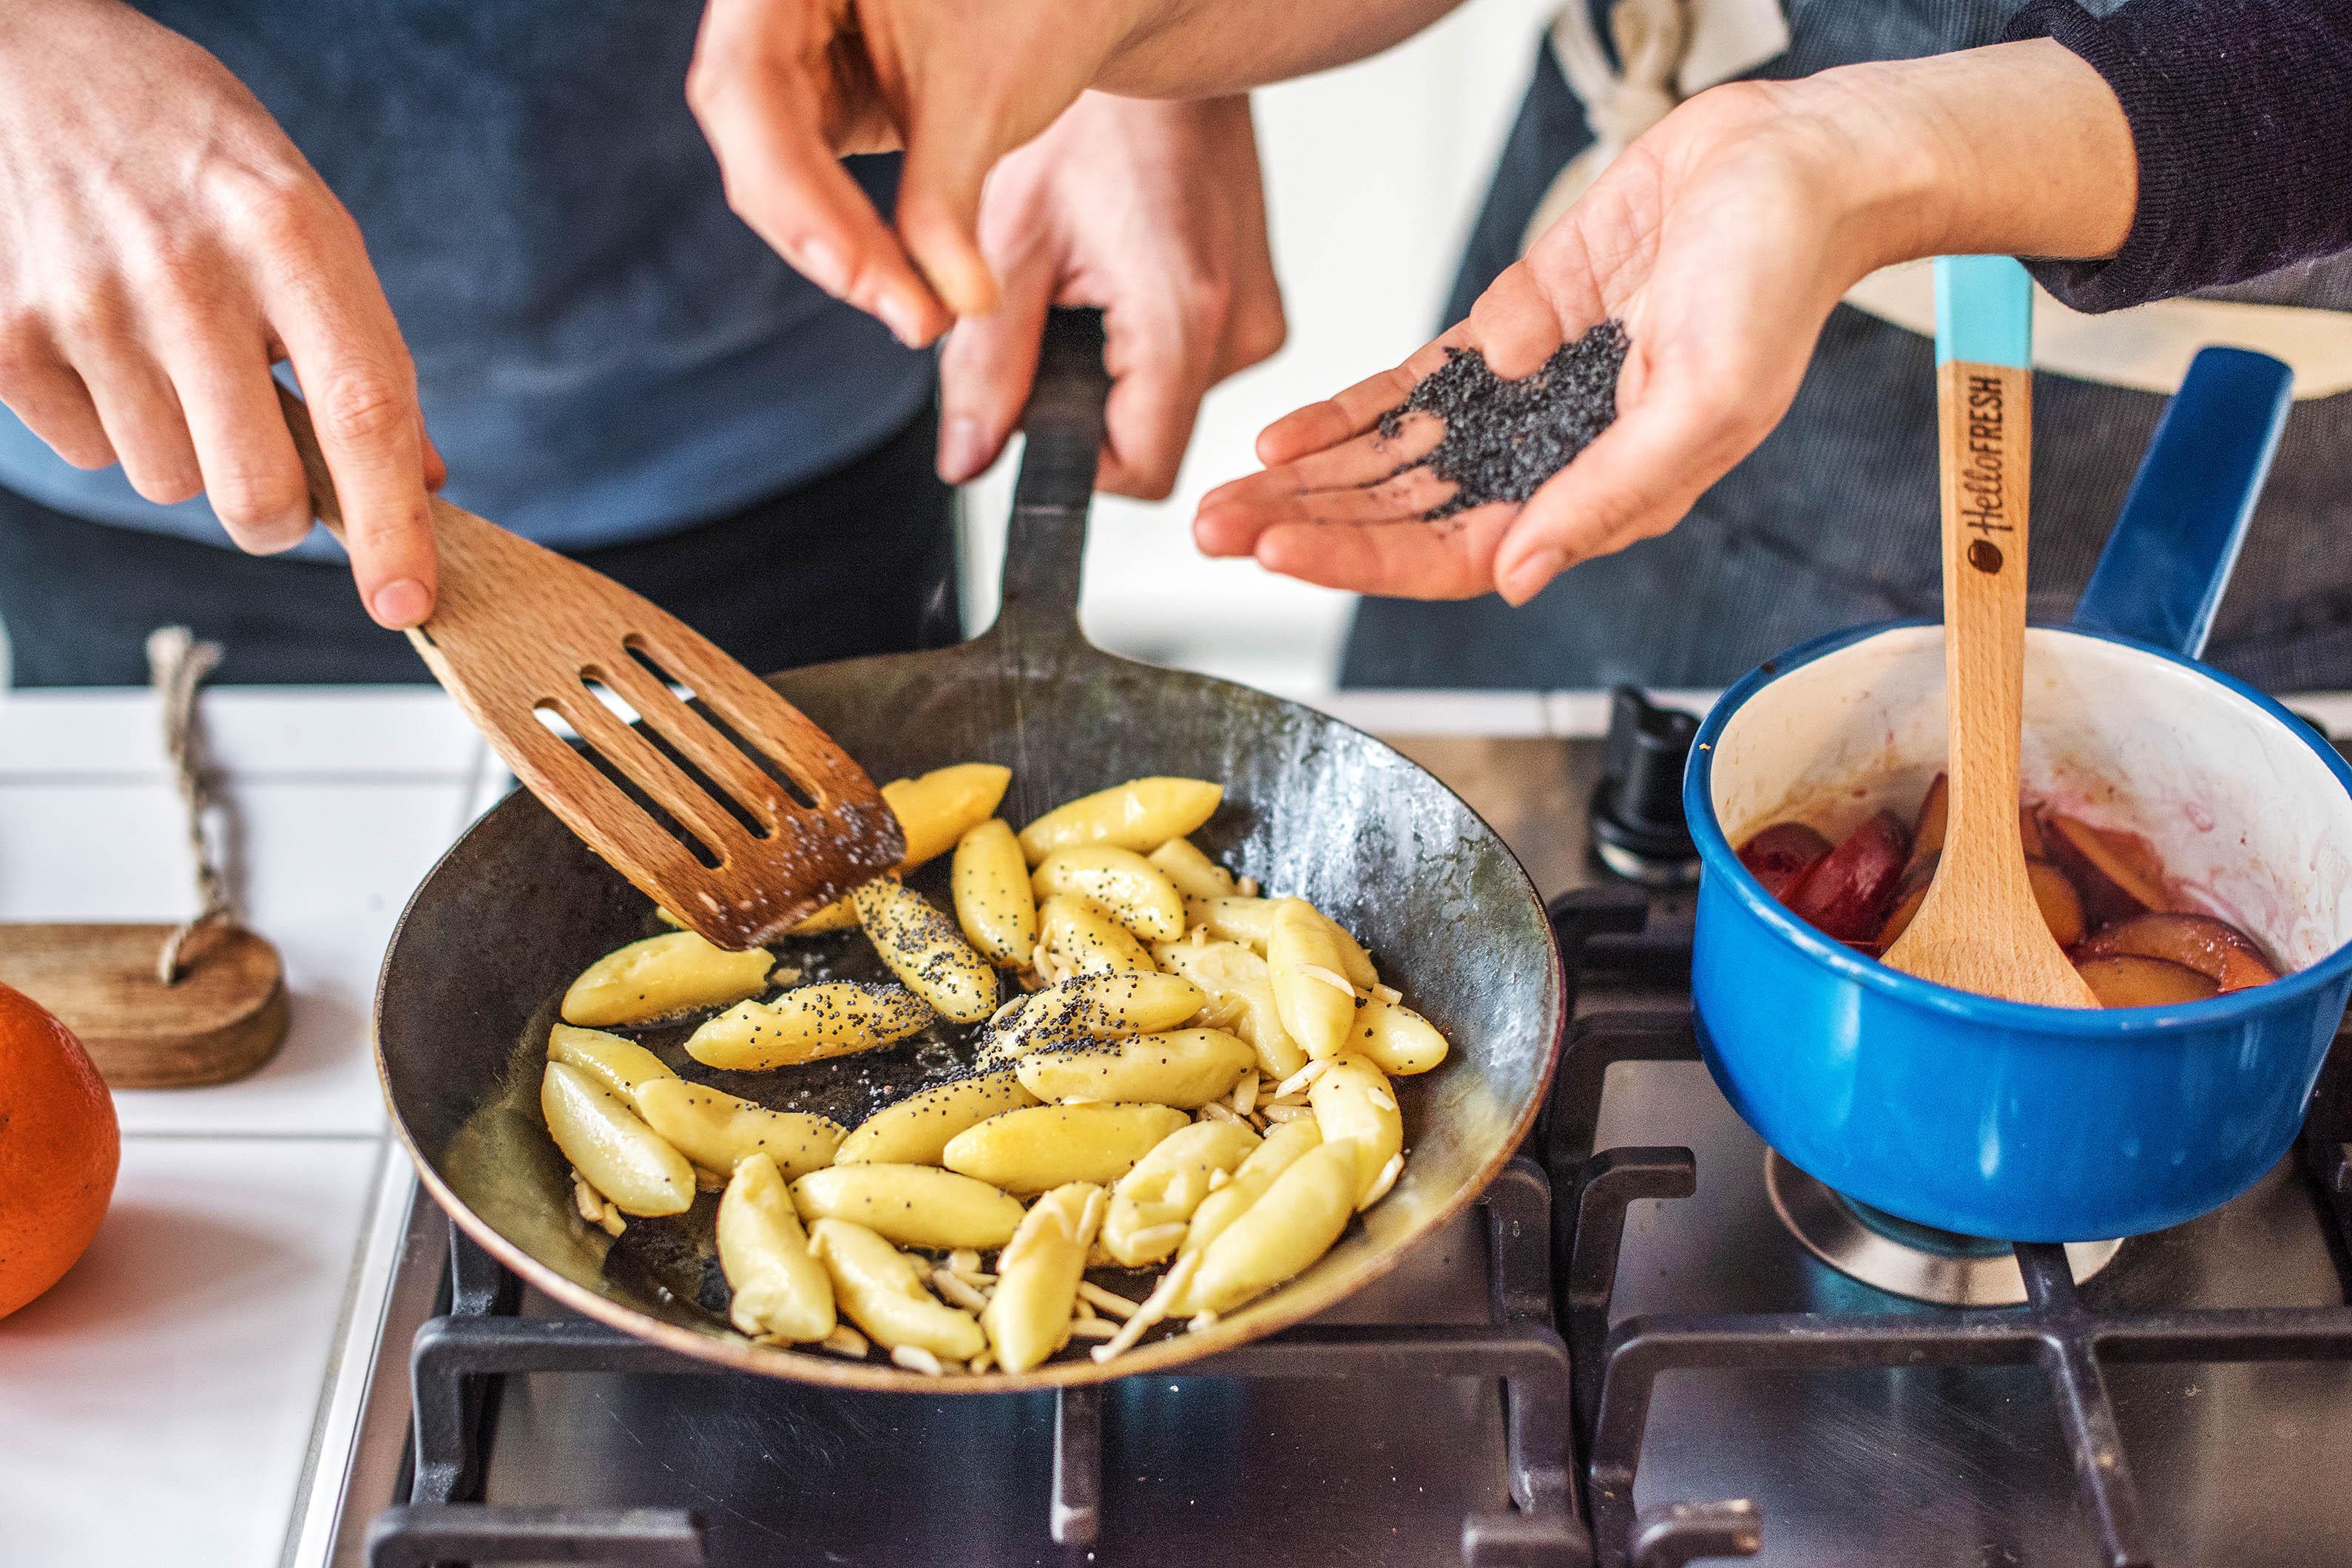 Gemeinsam kochen am valentinstag hellofresh blog - Keramiktopfe zum kochen ...